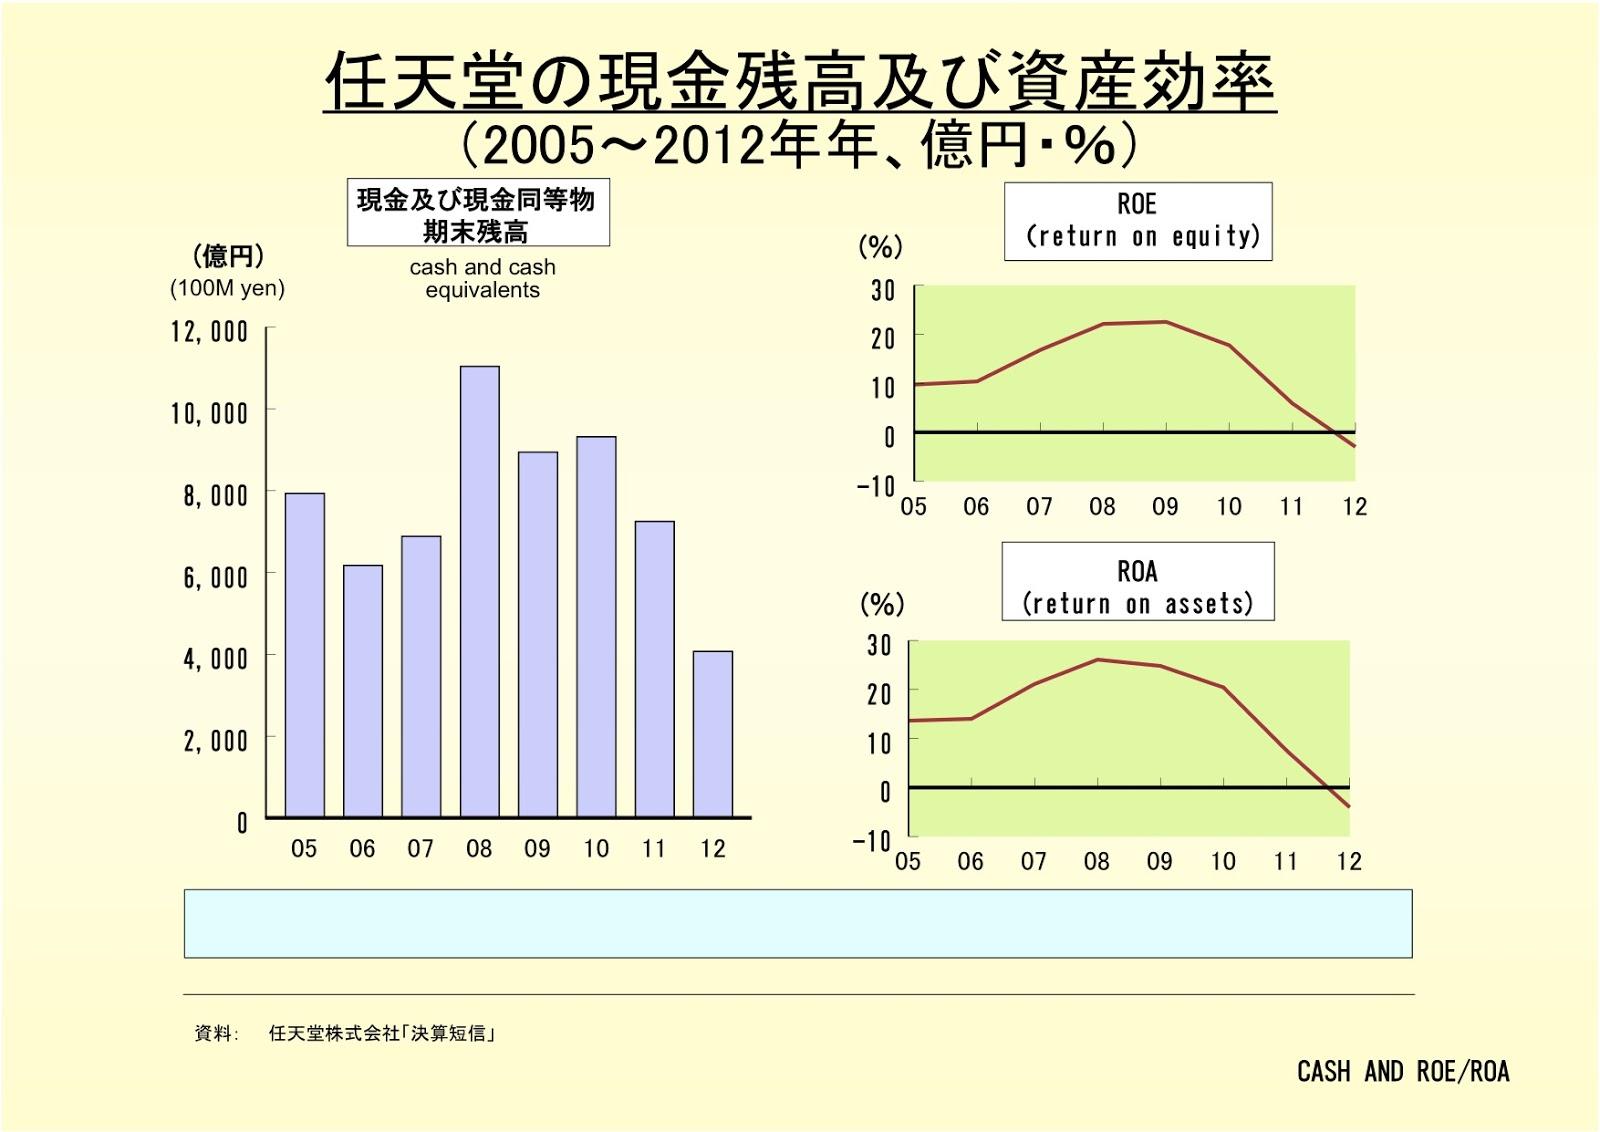 任天堂株式会社の現金残高及び資産効率